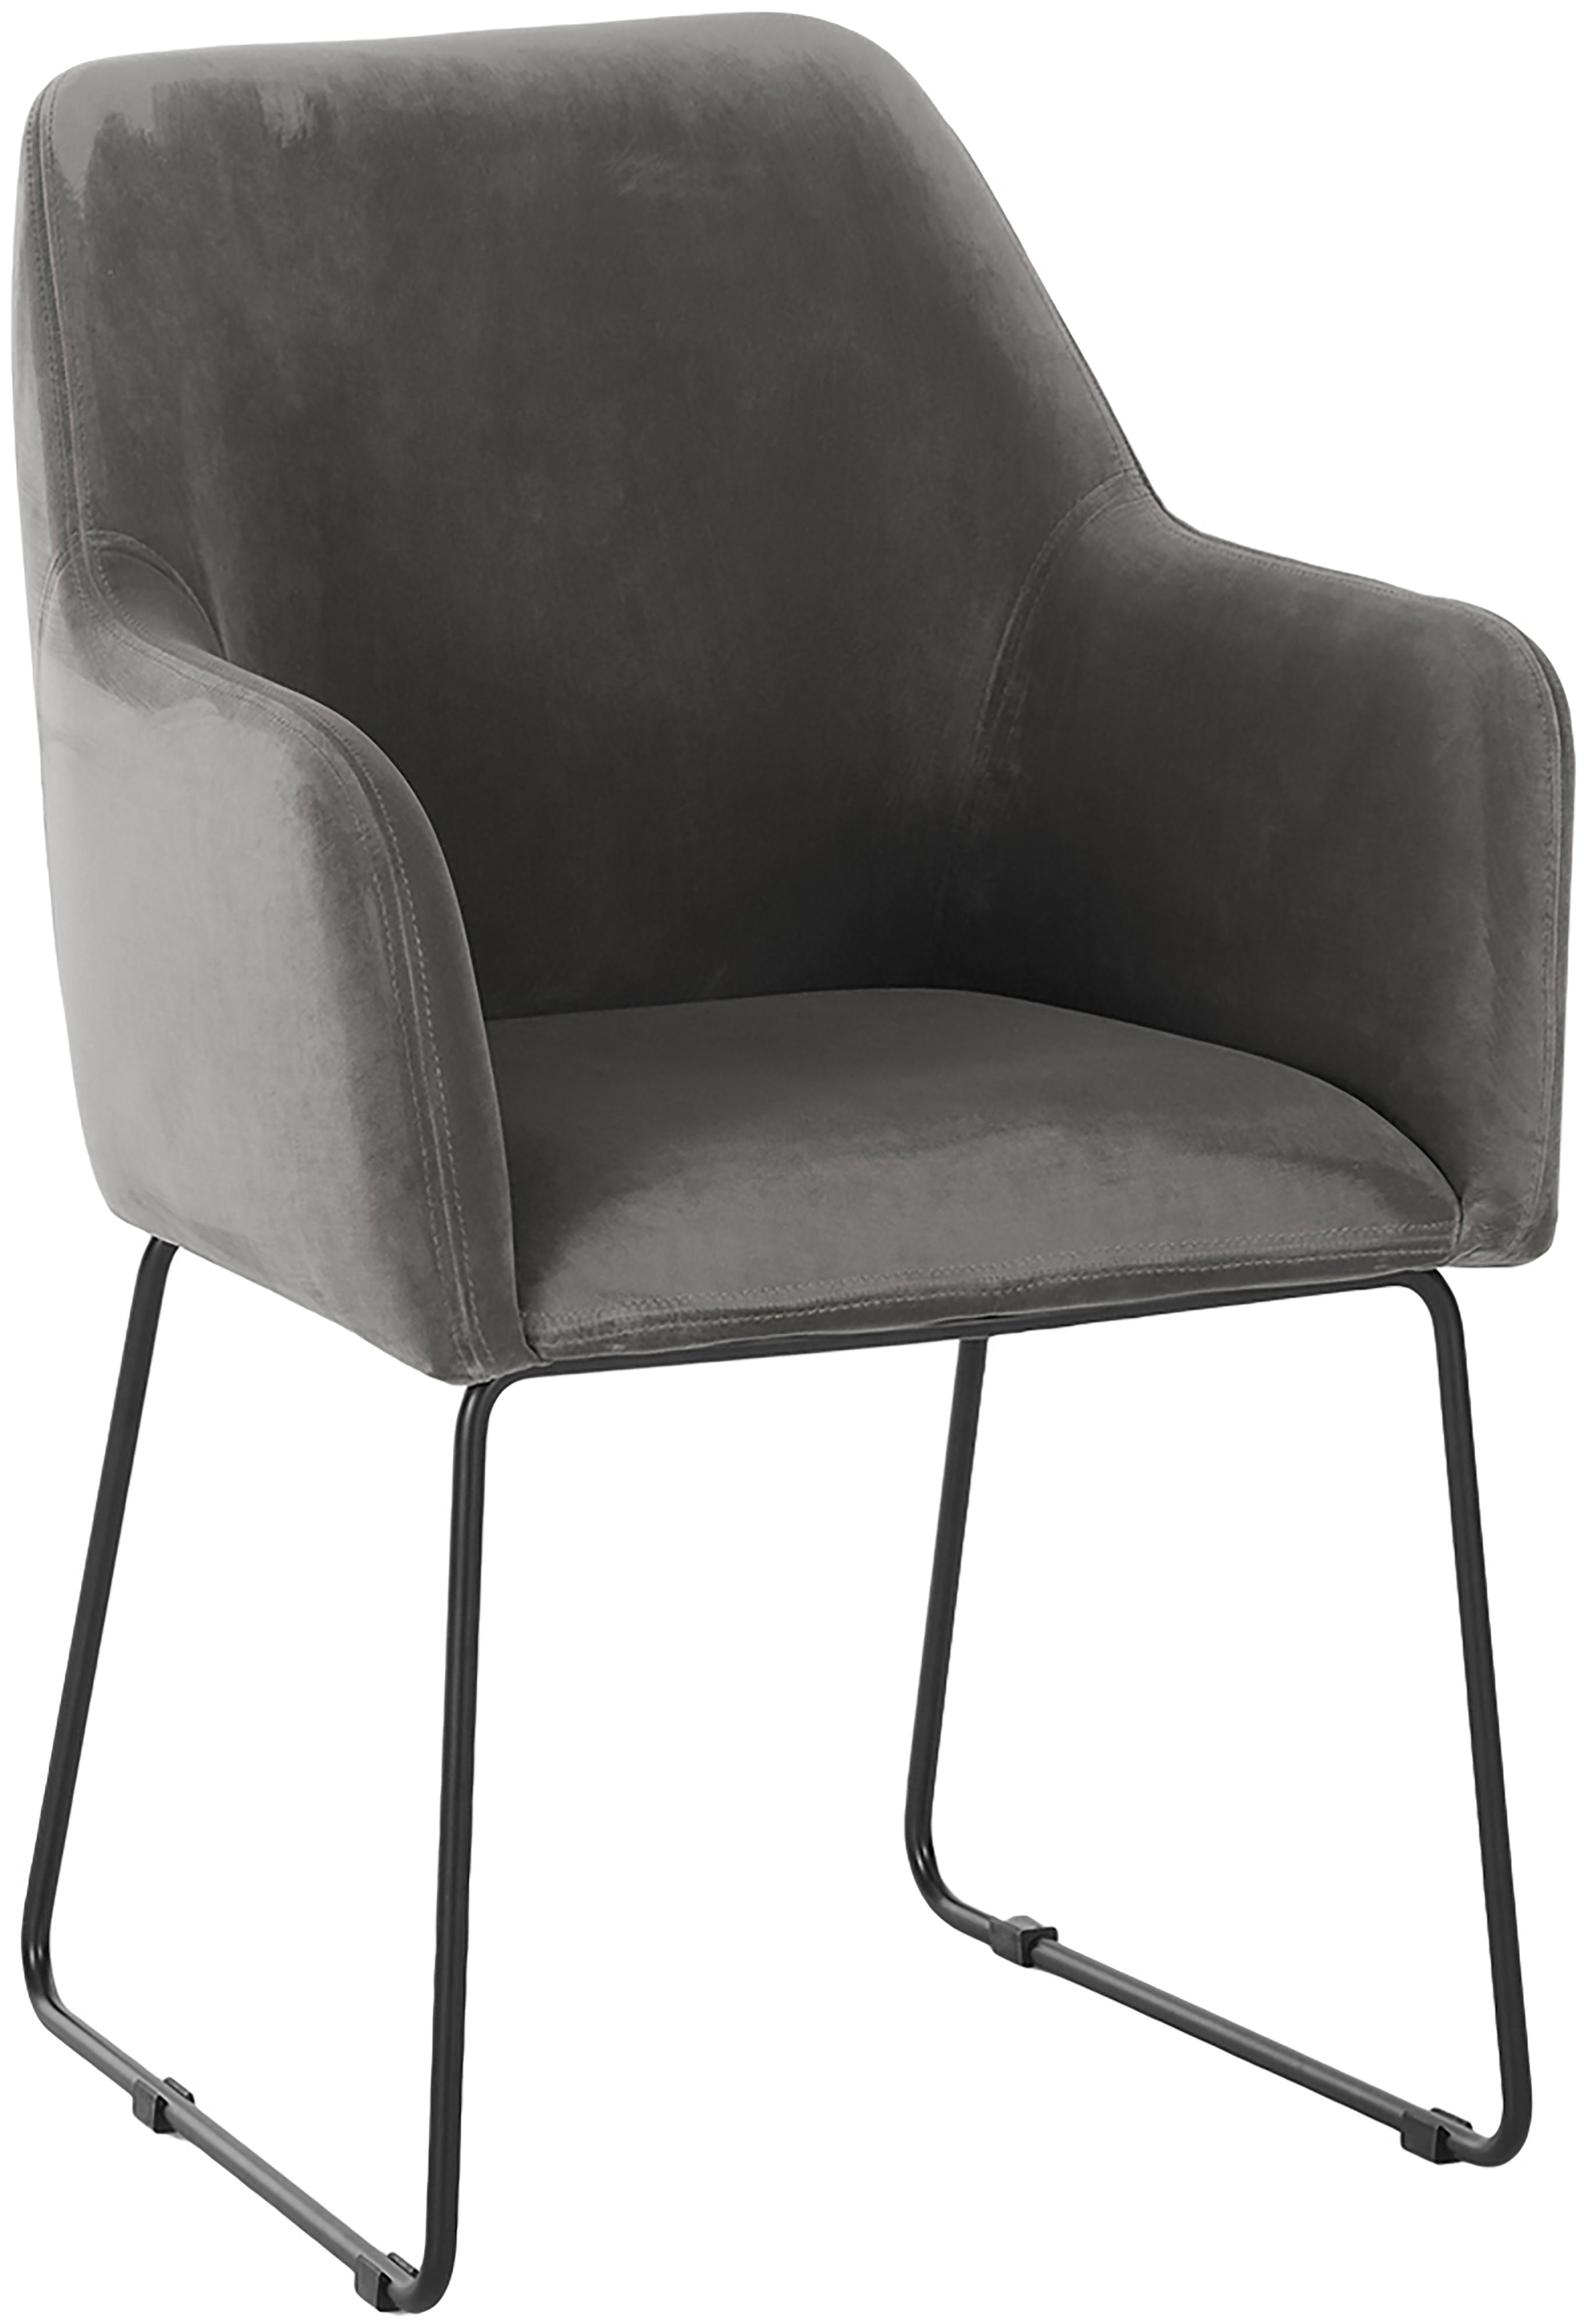 Krzesło z aksamitu z podłokietnikami Isla, Tapicerka: aksamit (poliester) Tkani, Nogi: metal malowany proszkowo, Aksamitny szary kamienny, nogi: czarny, S 58 x G 62 cm